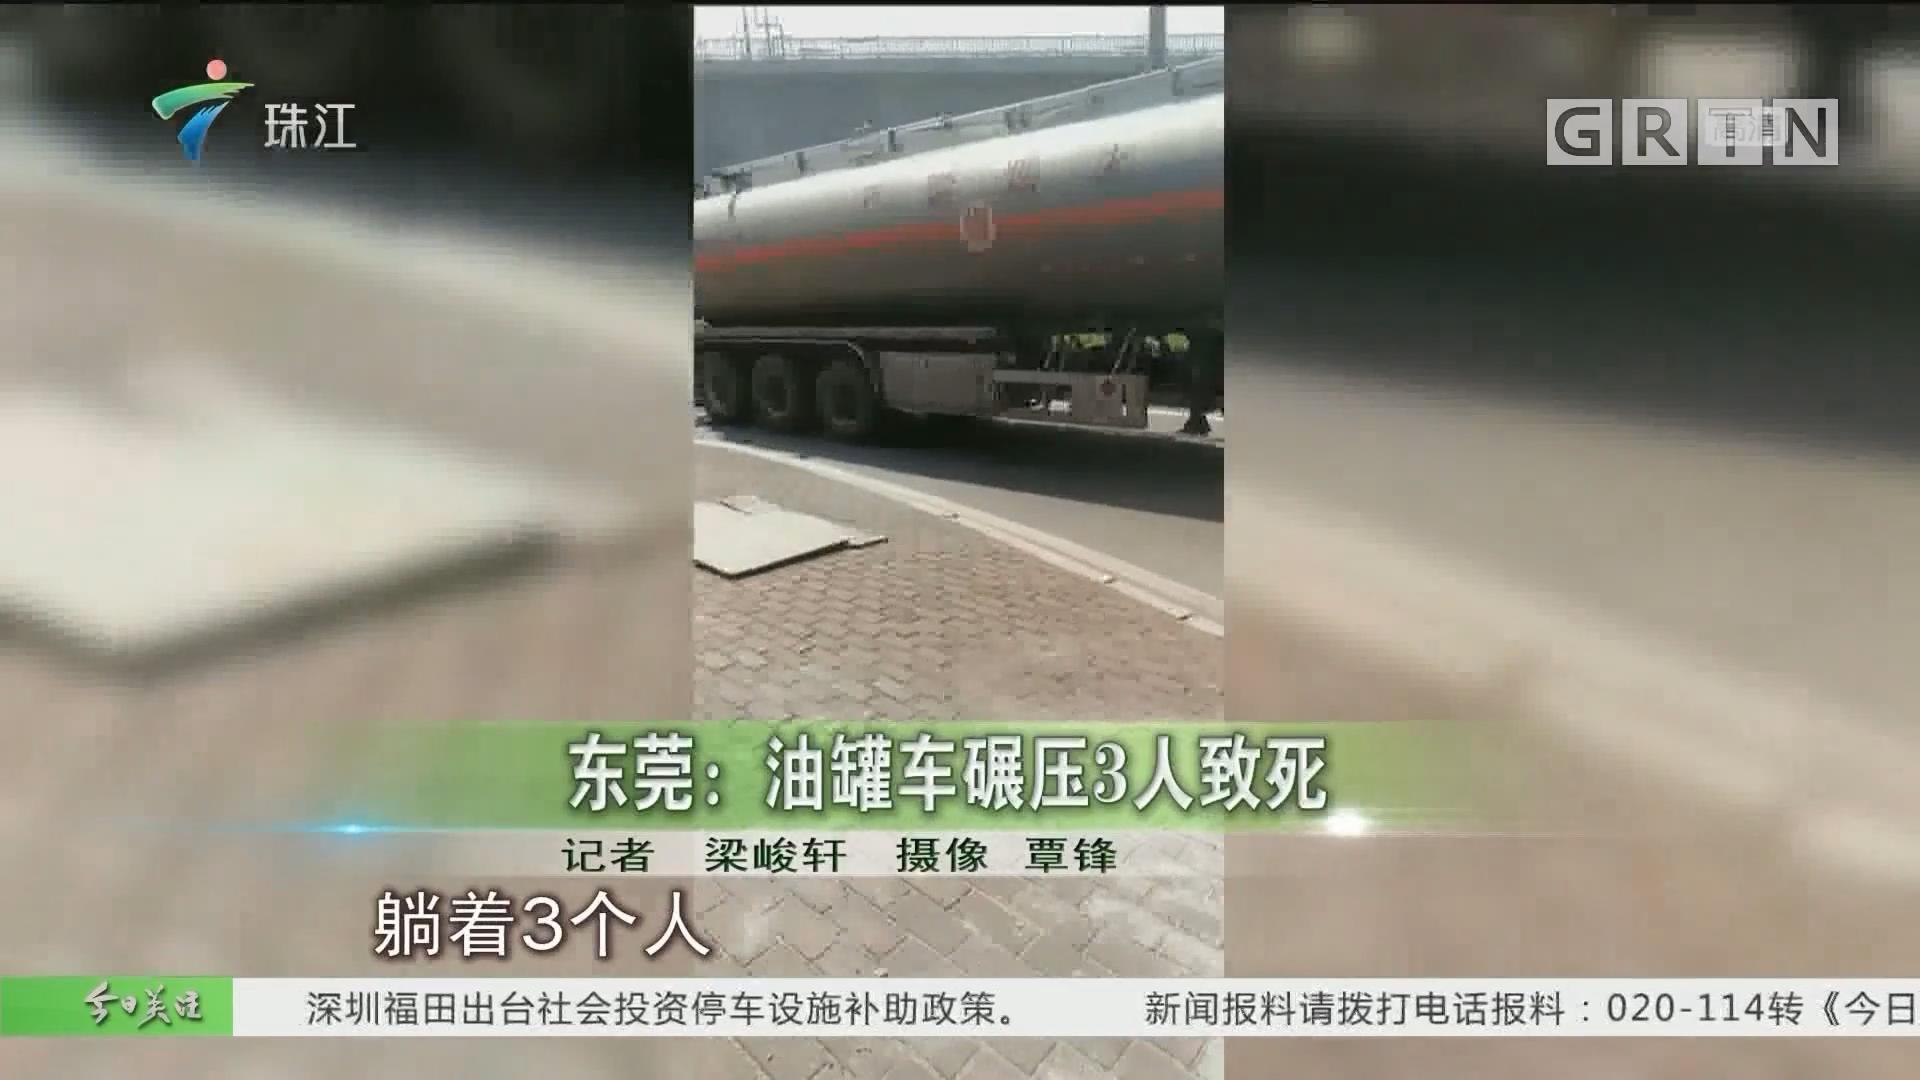 东莞:油罐车碾压3人致死